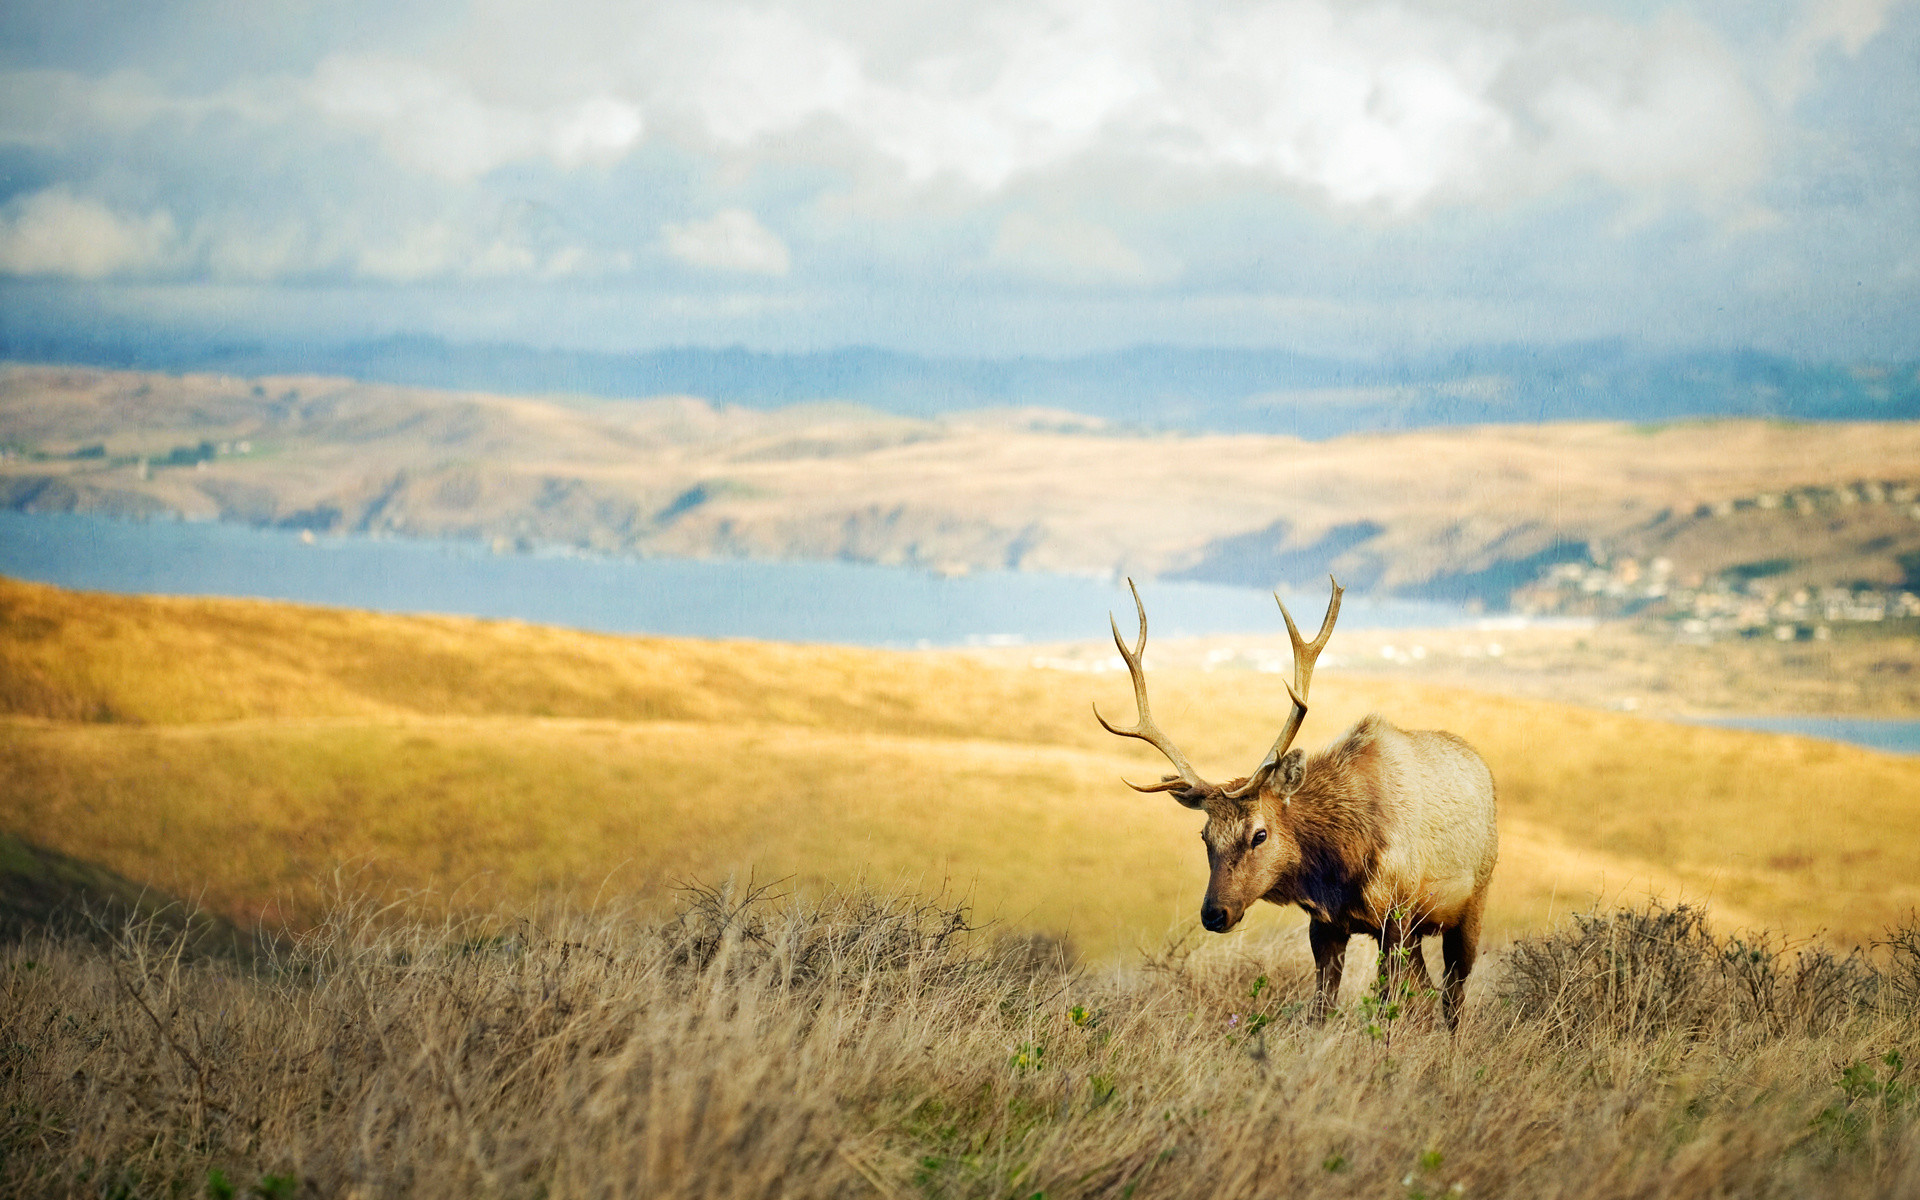 Wild deer pictures wallpaper 54 images - Elk hunting wallpaper ...